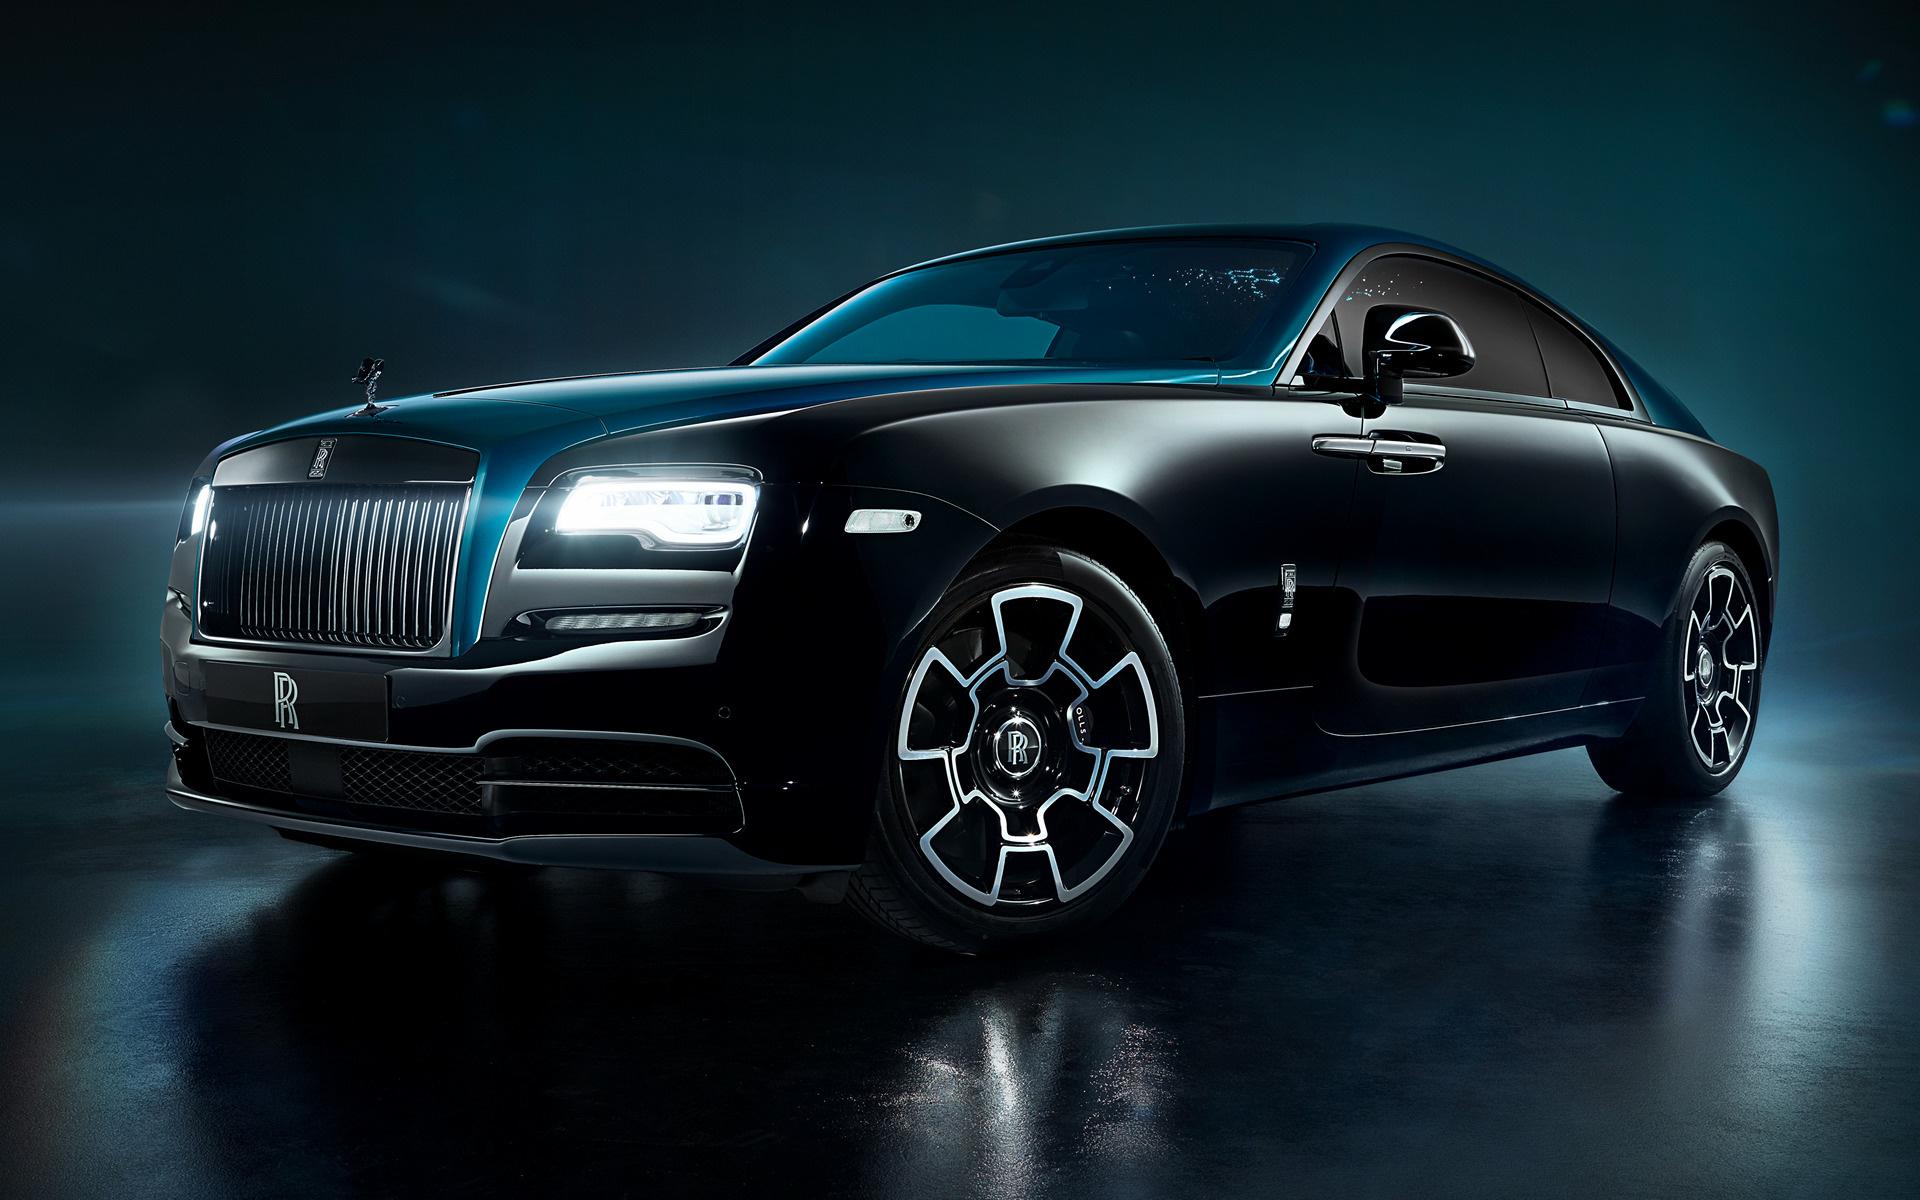 2018 Rolls Royce Wraith Black Badge Adamas Papeis De Parede E Imagens De Fundo Em Hd Car Pixel